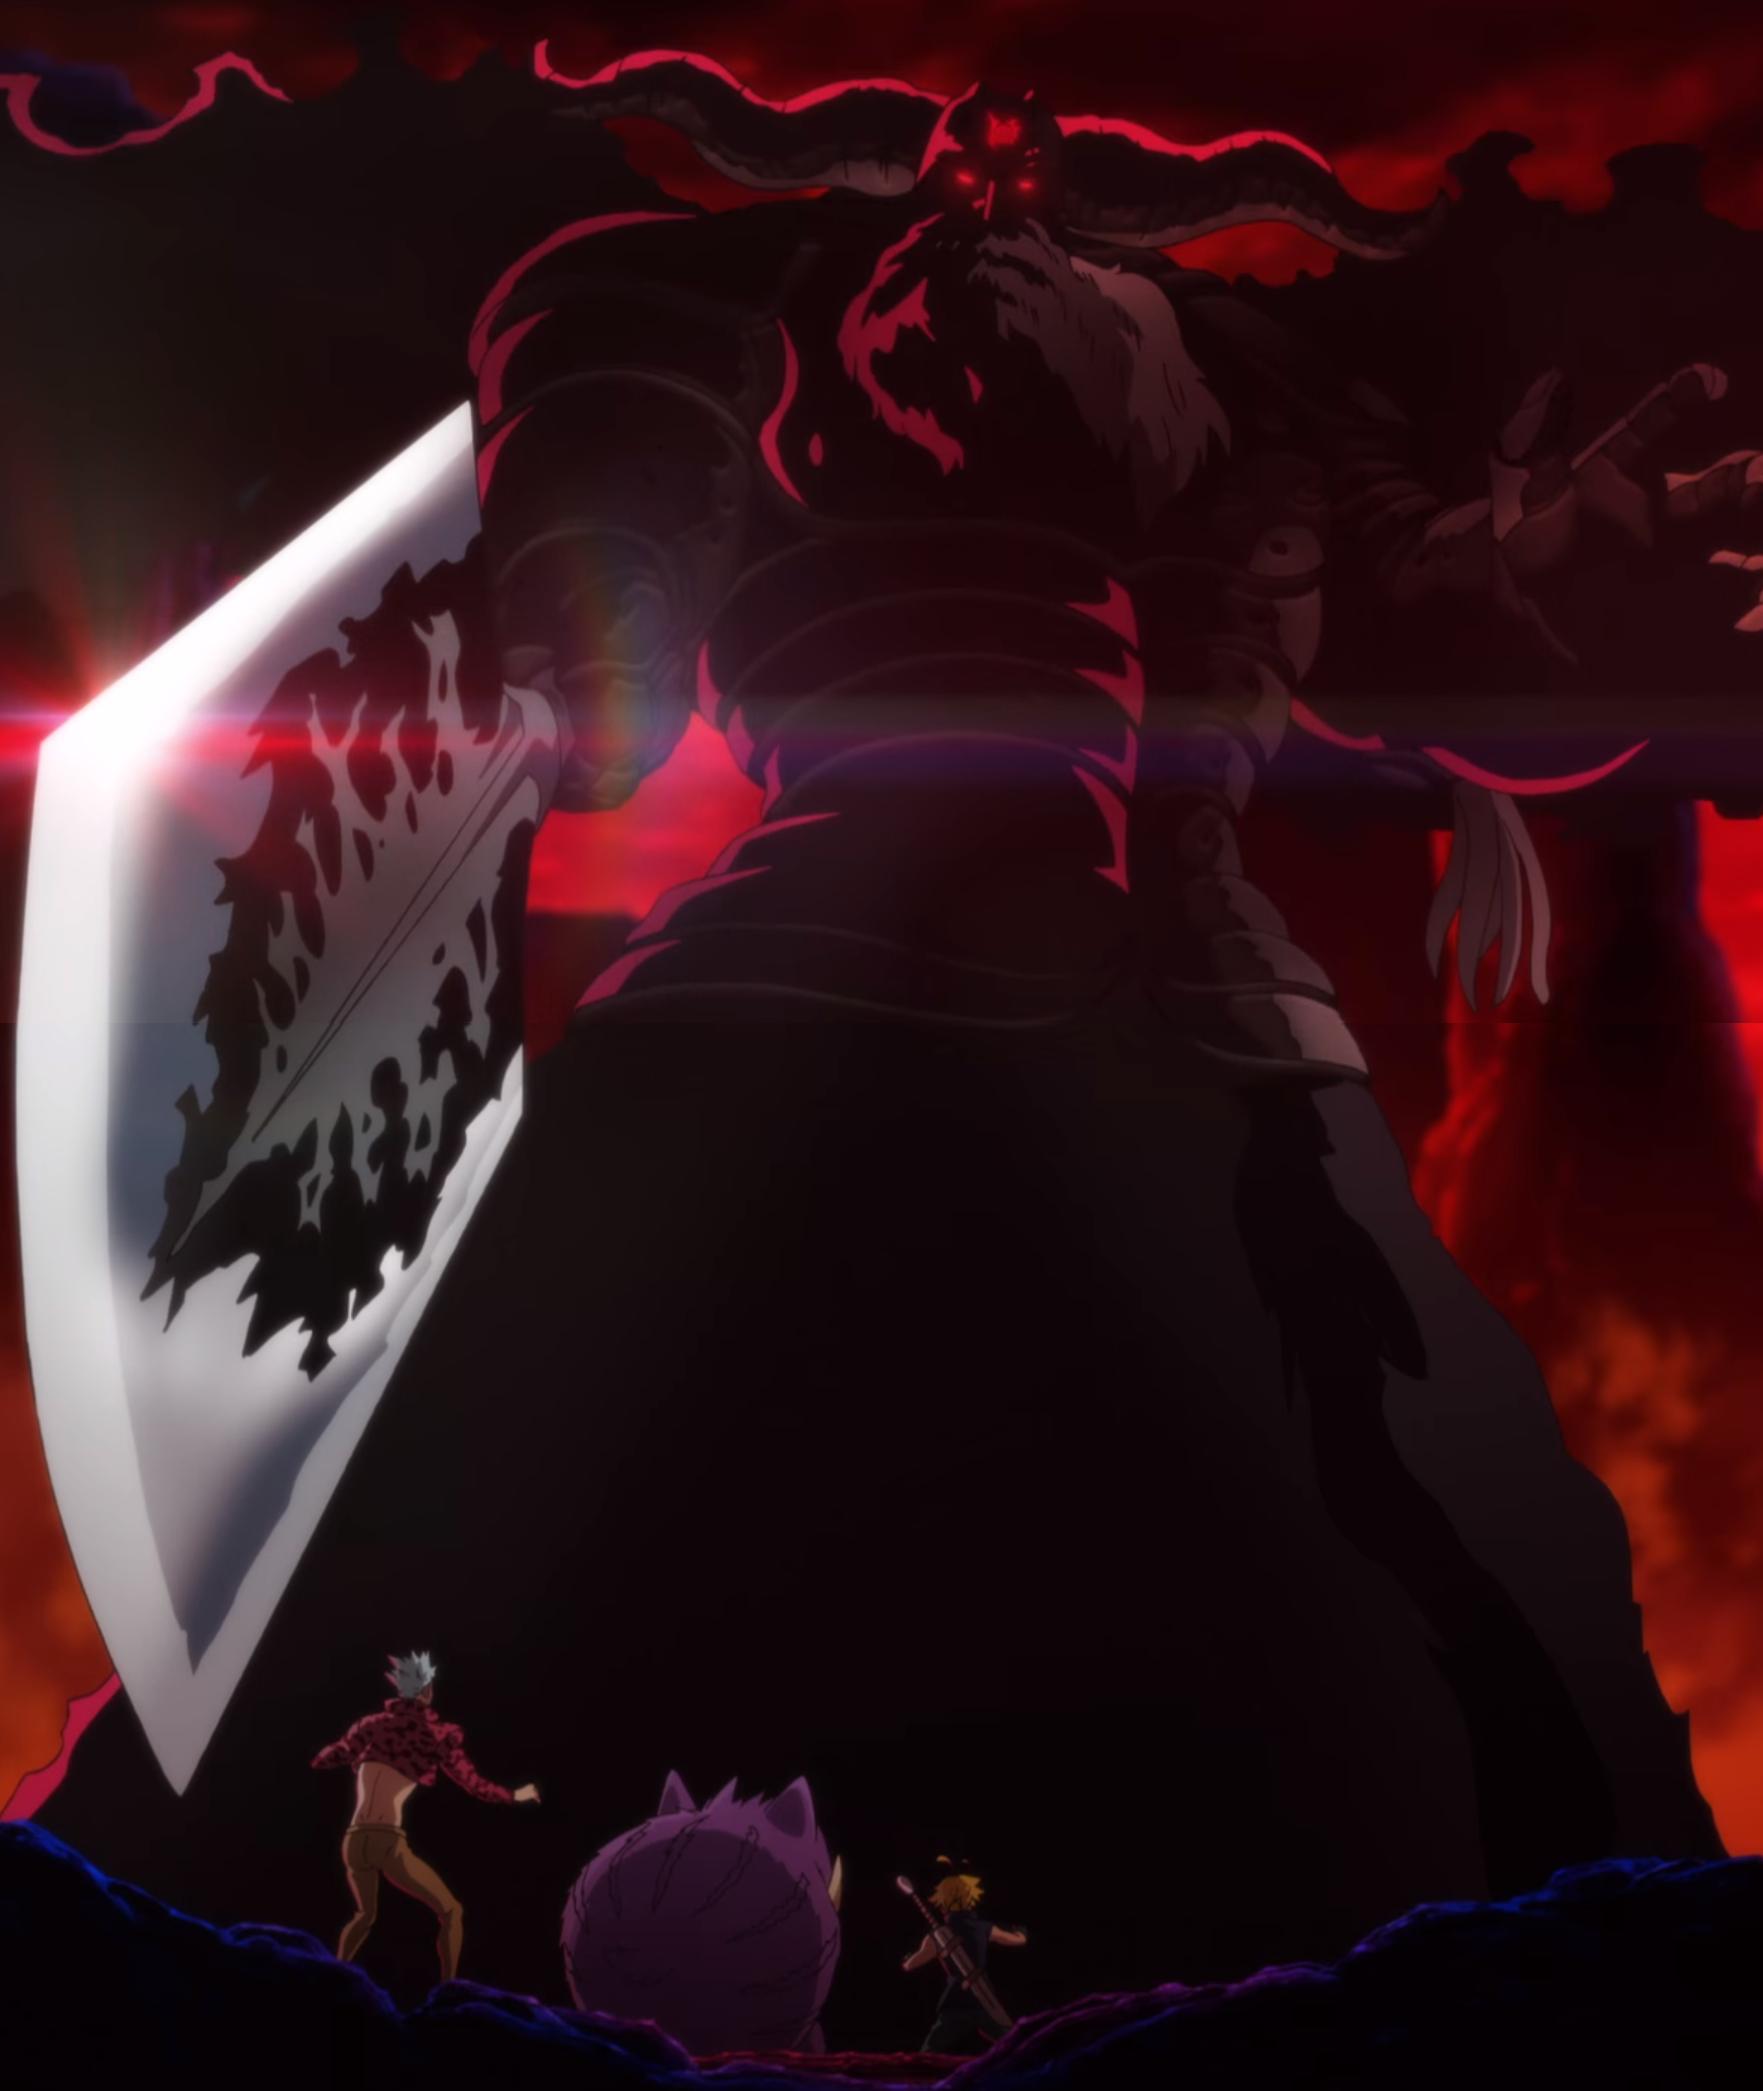 König der Dämonen (The Seven Deadly Sins)